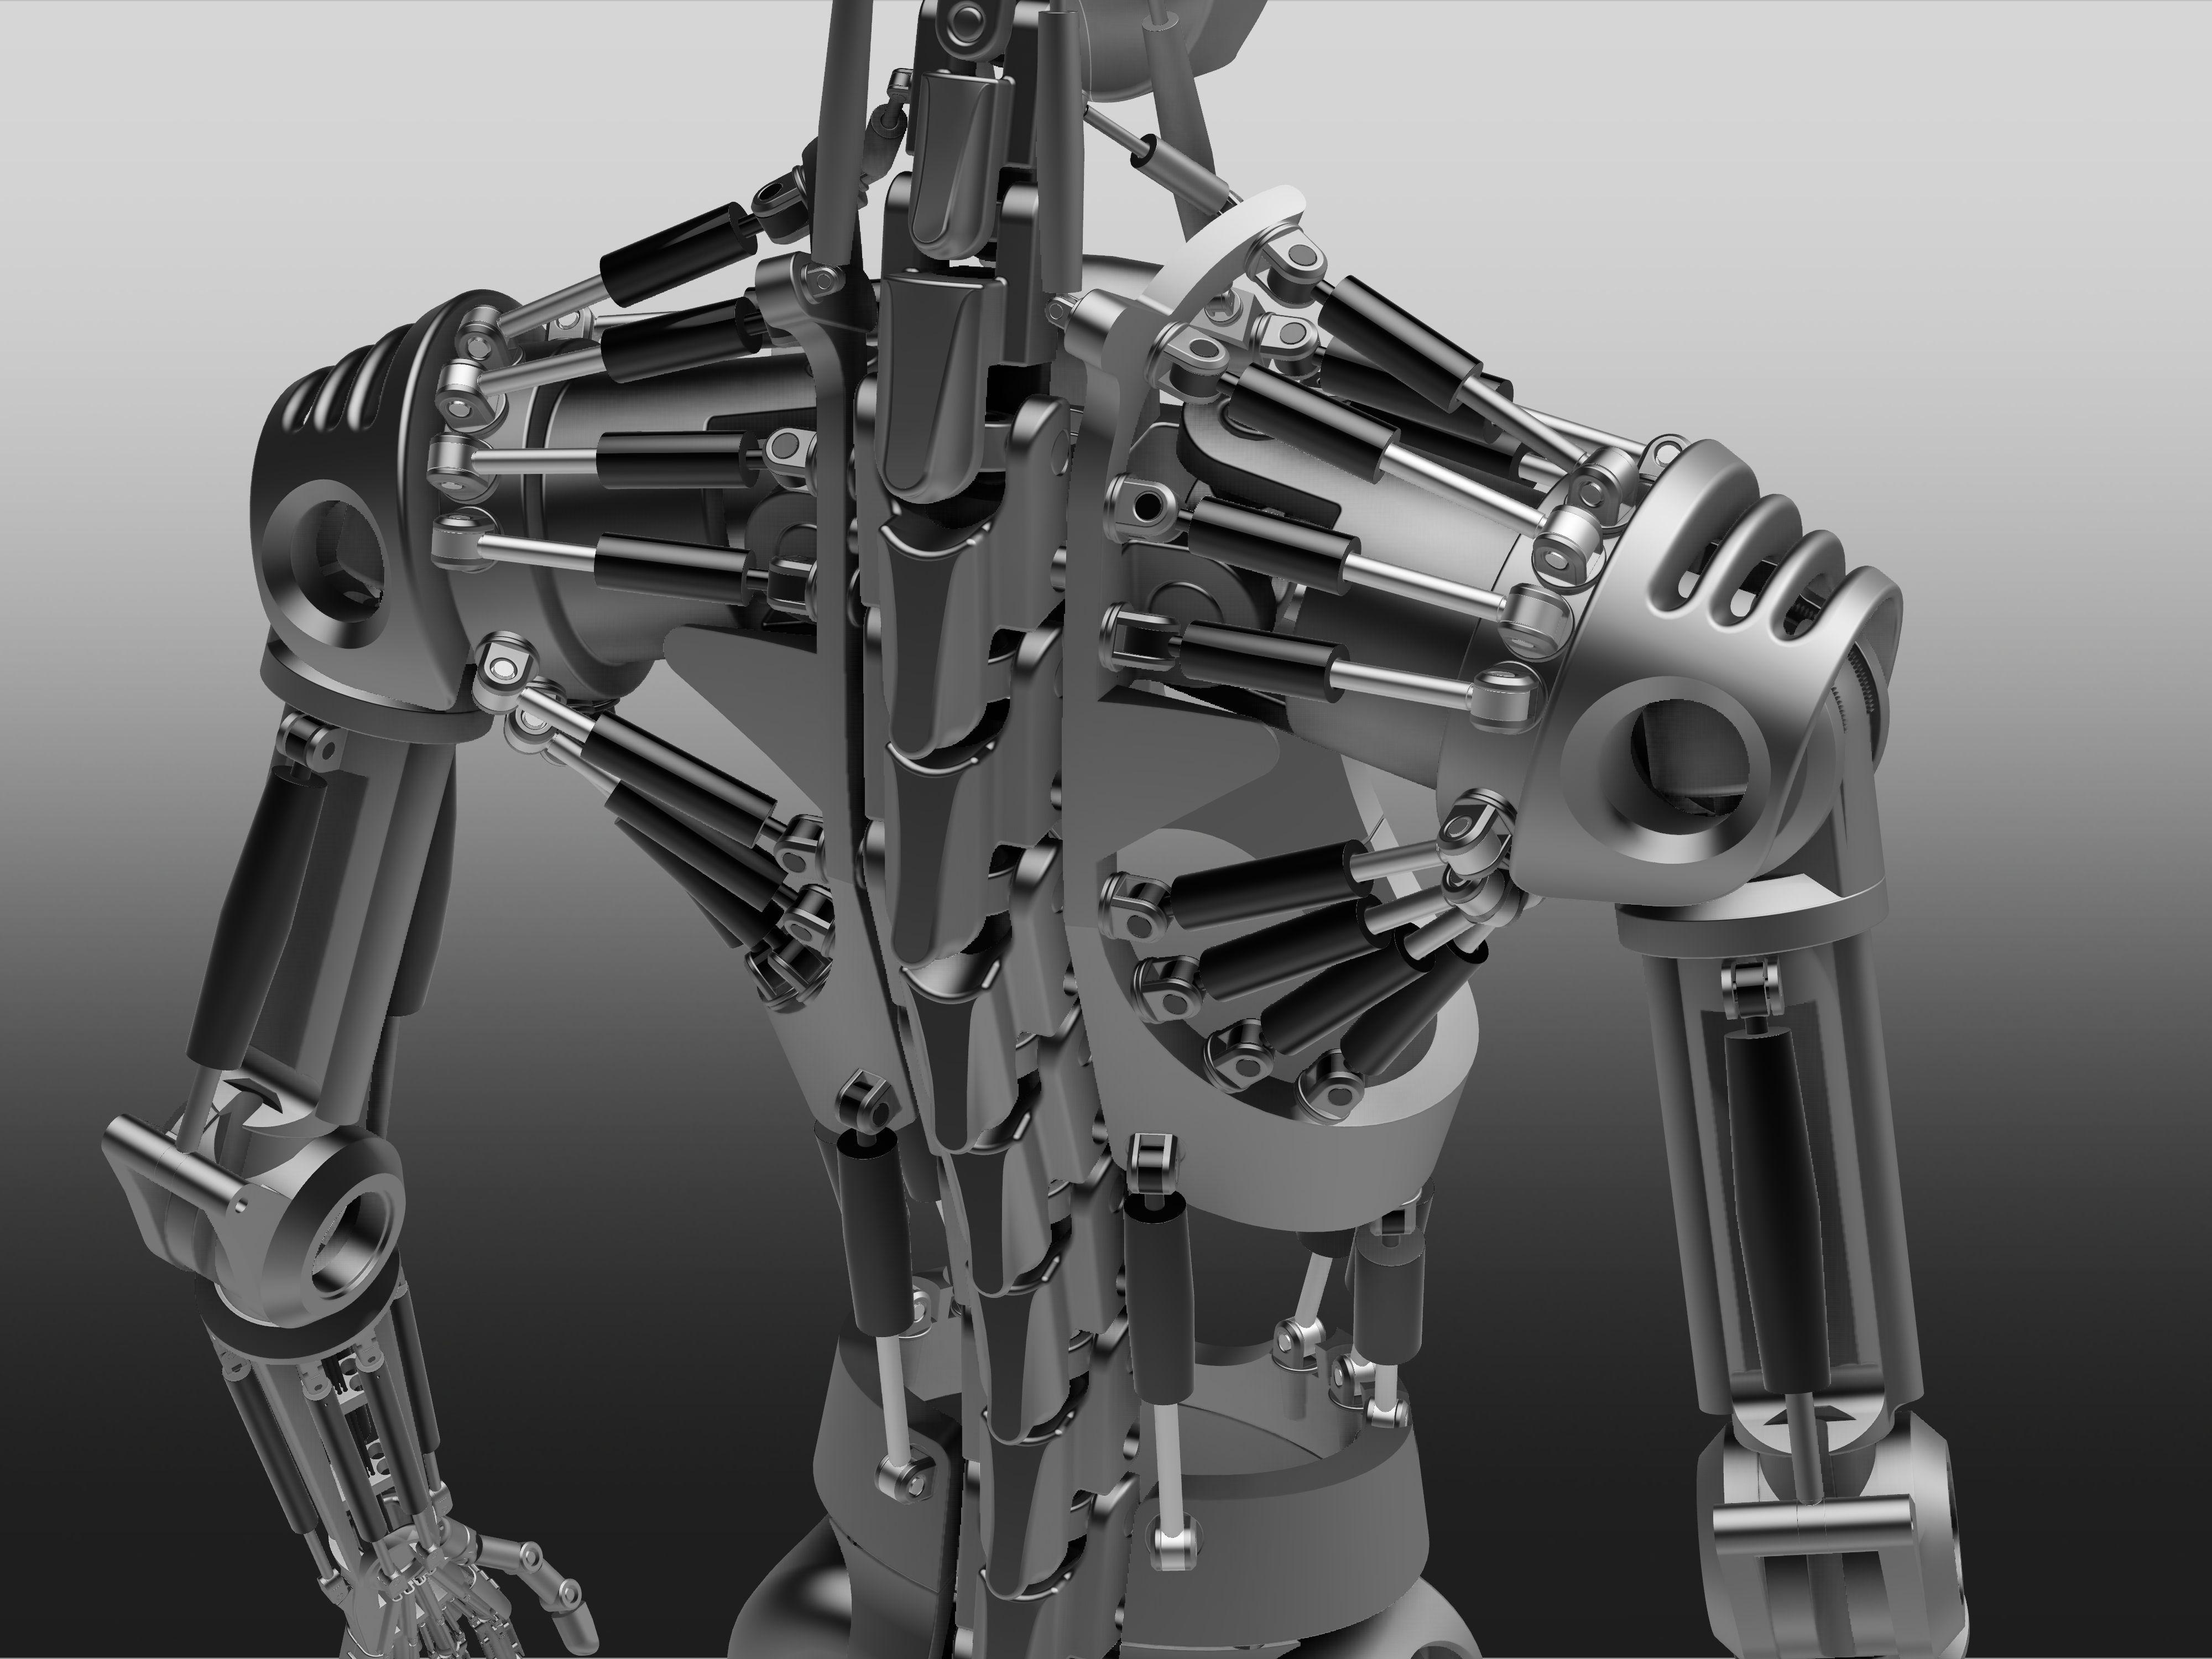 humanoid robot skeleton - step / iges,stl,autodesk inventor - 3d, Skeleton